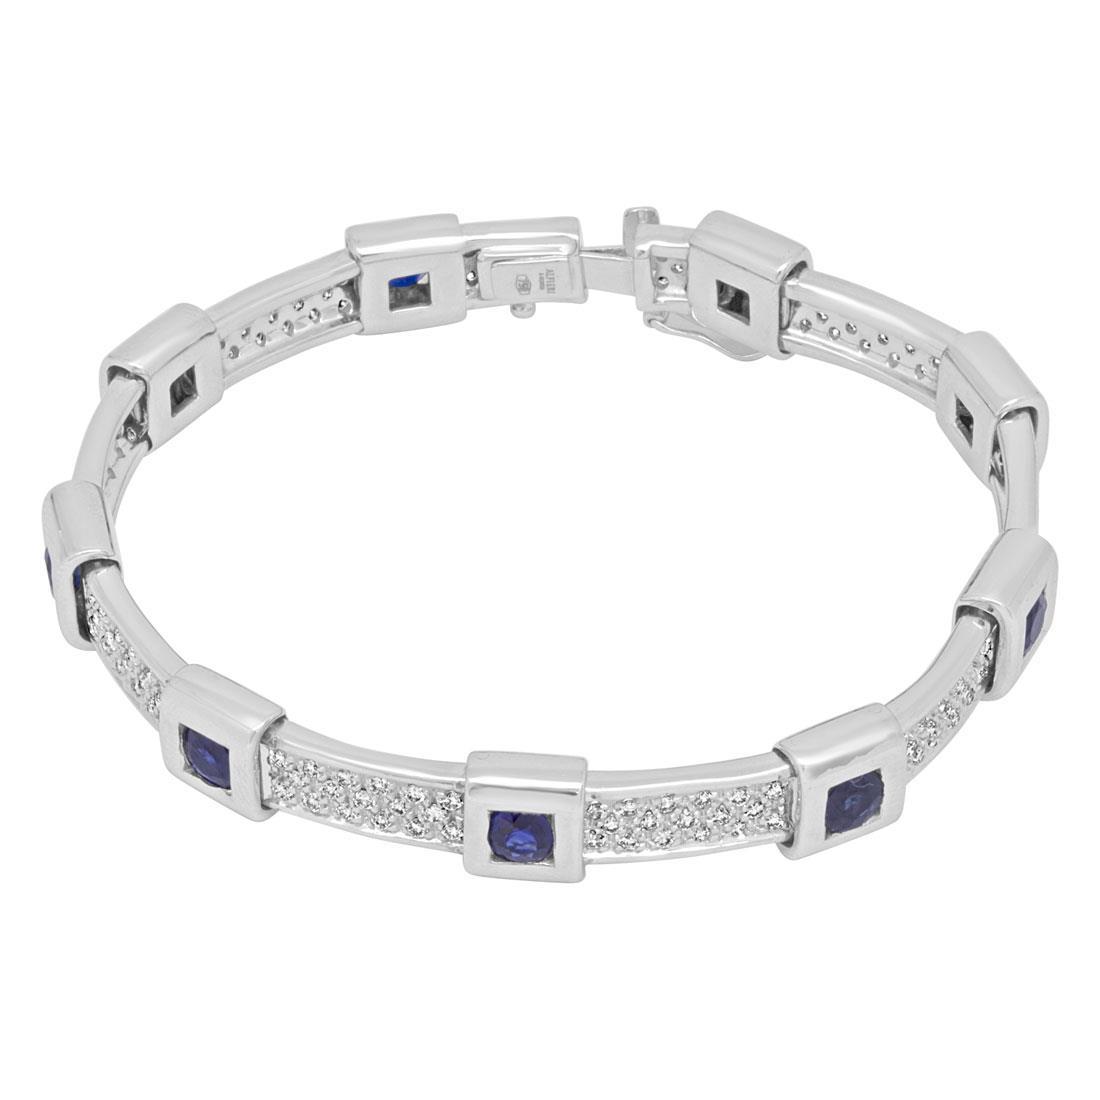 Bracciale rigido in oro bianco con diamanti e zaffiri - ALFIERI & ST. JOHN